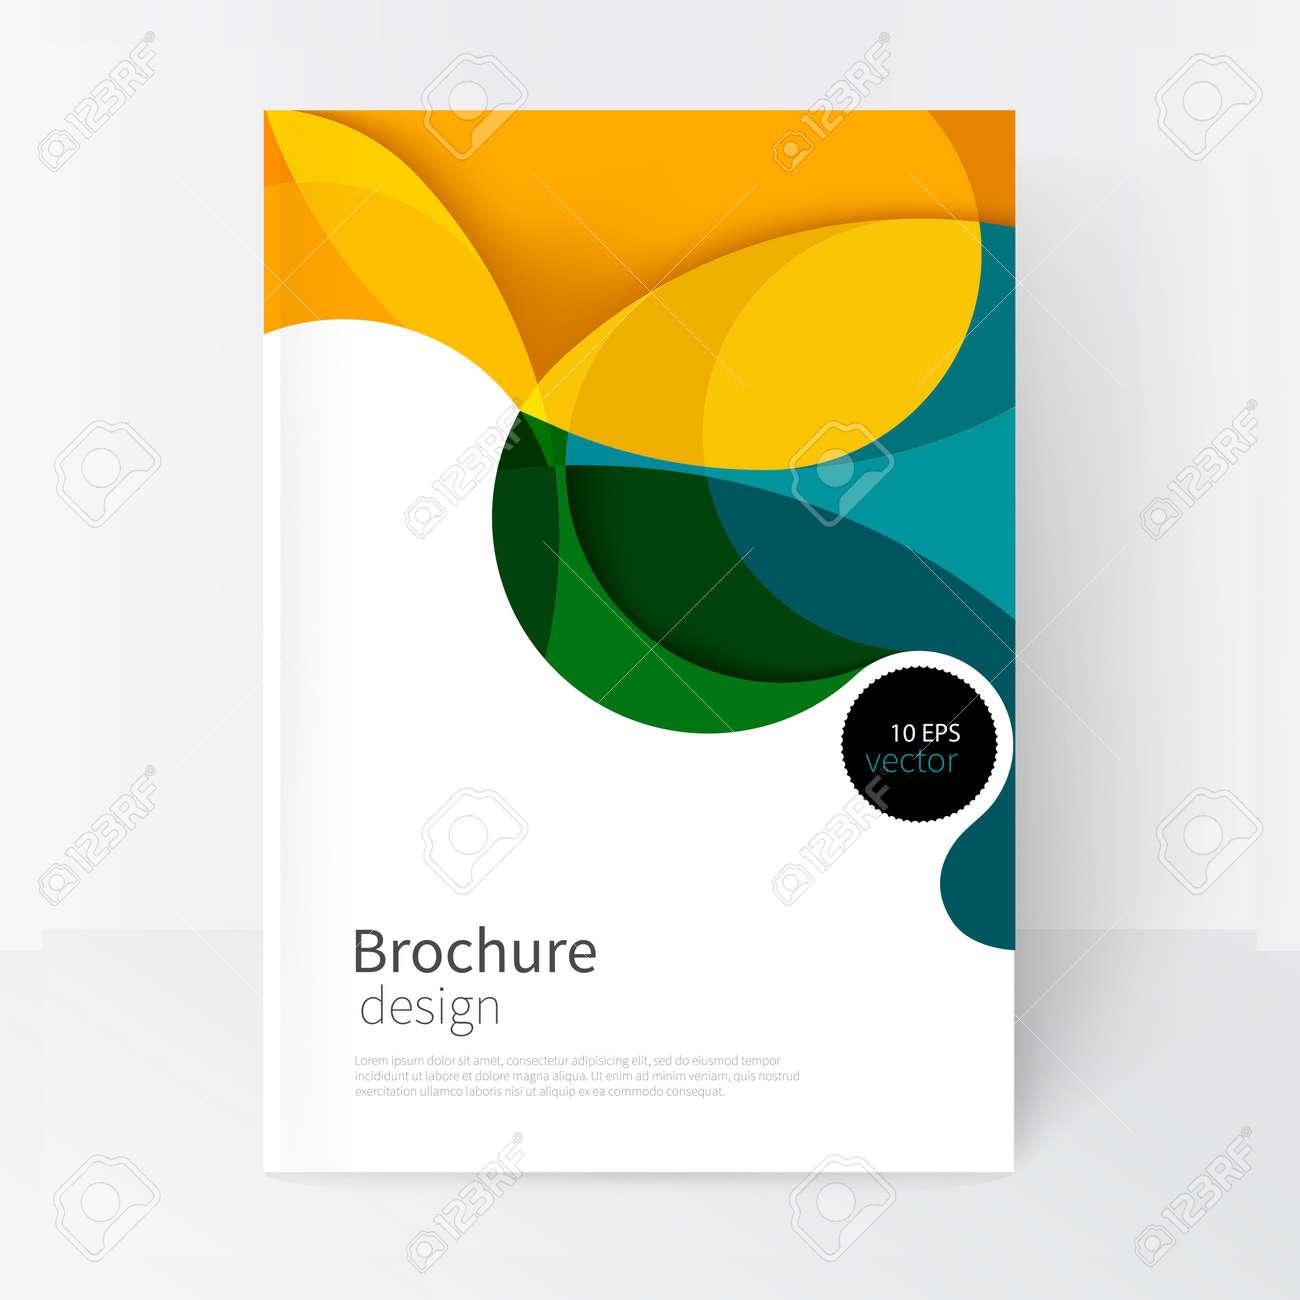 ベクトル白いパンフレット カバー template modern 抽象的な背景の緑